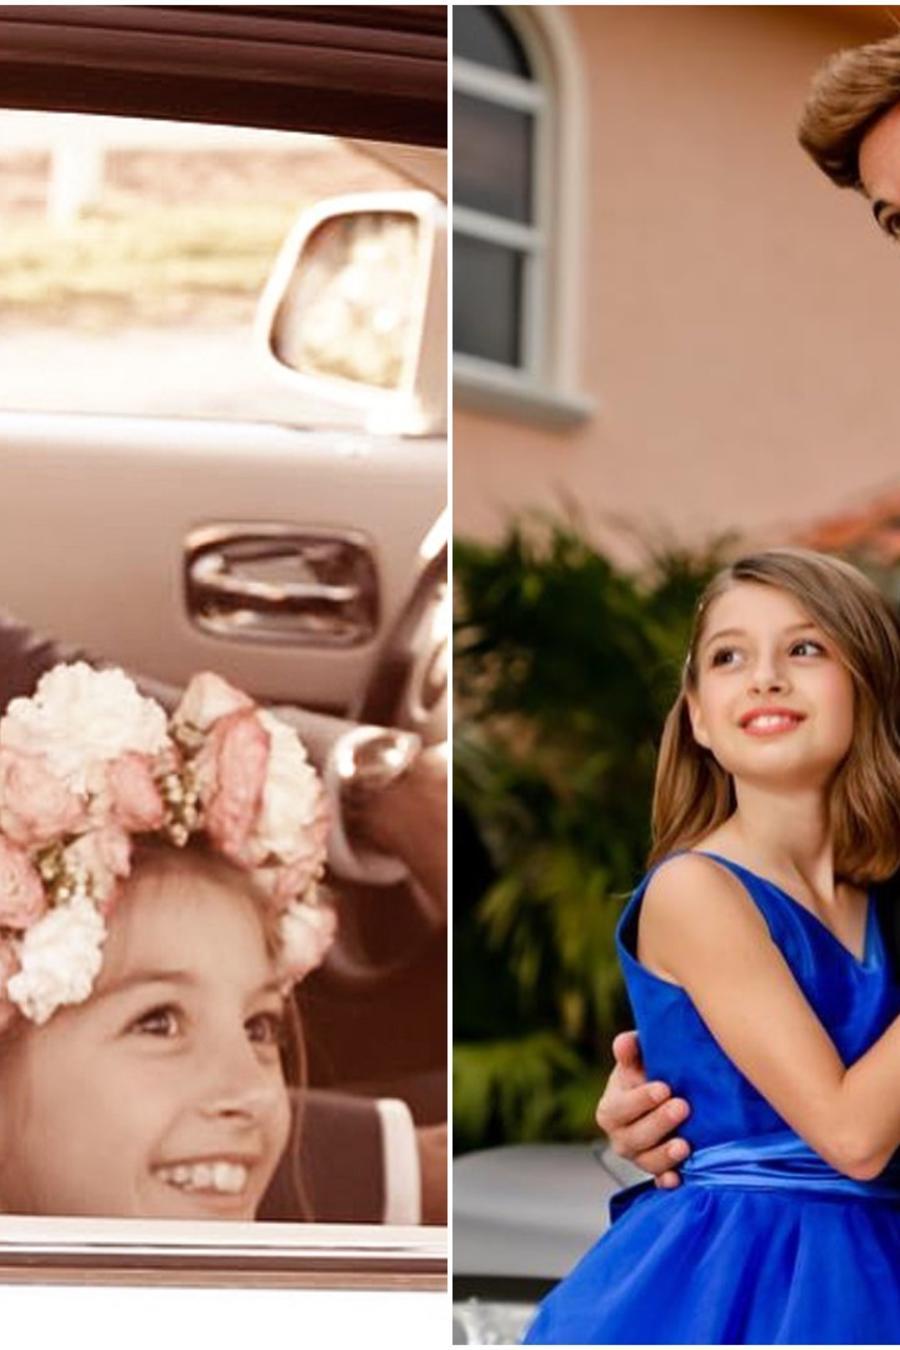 William Levy y su hija fotos